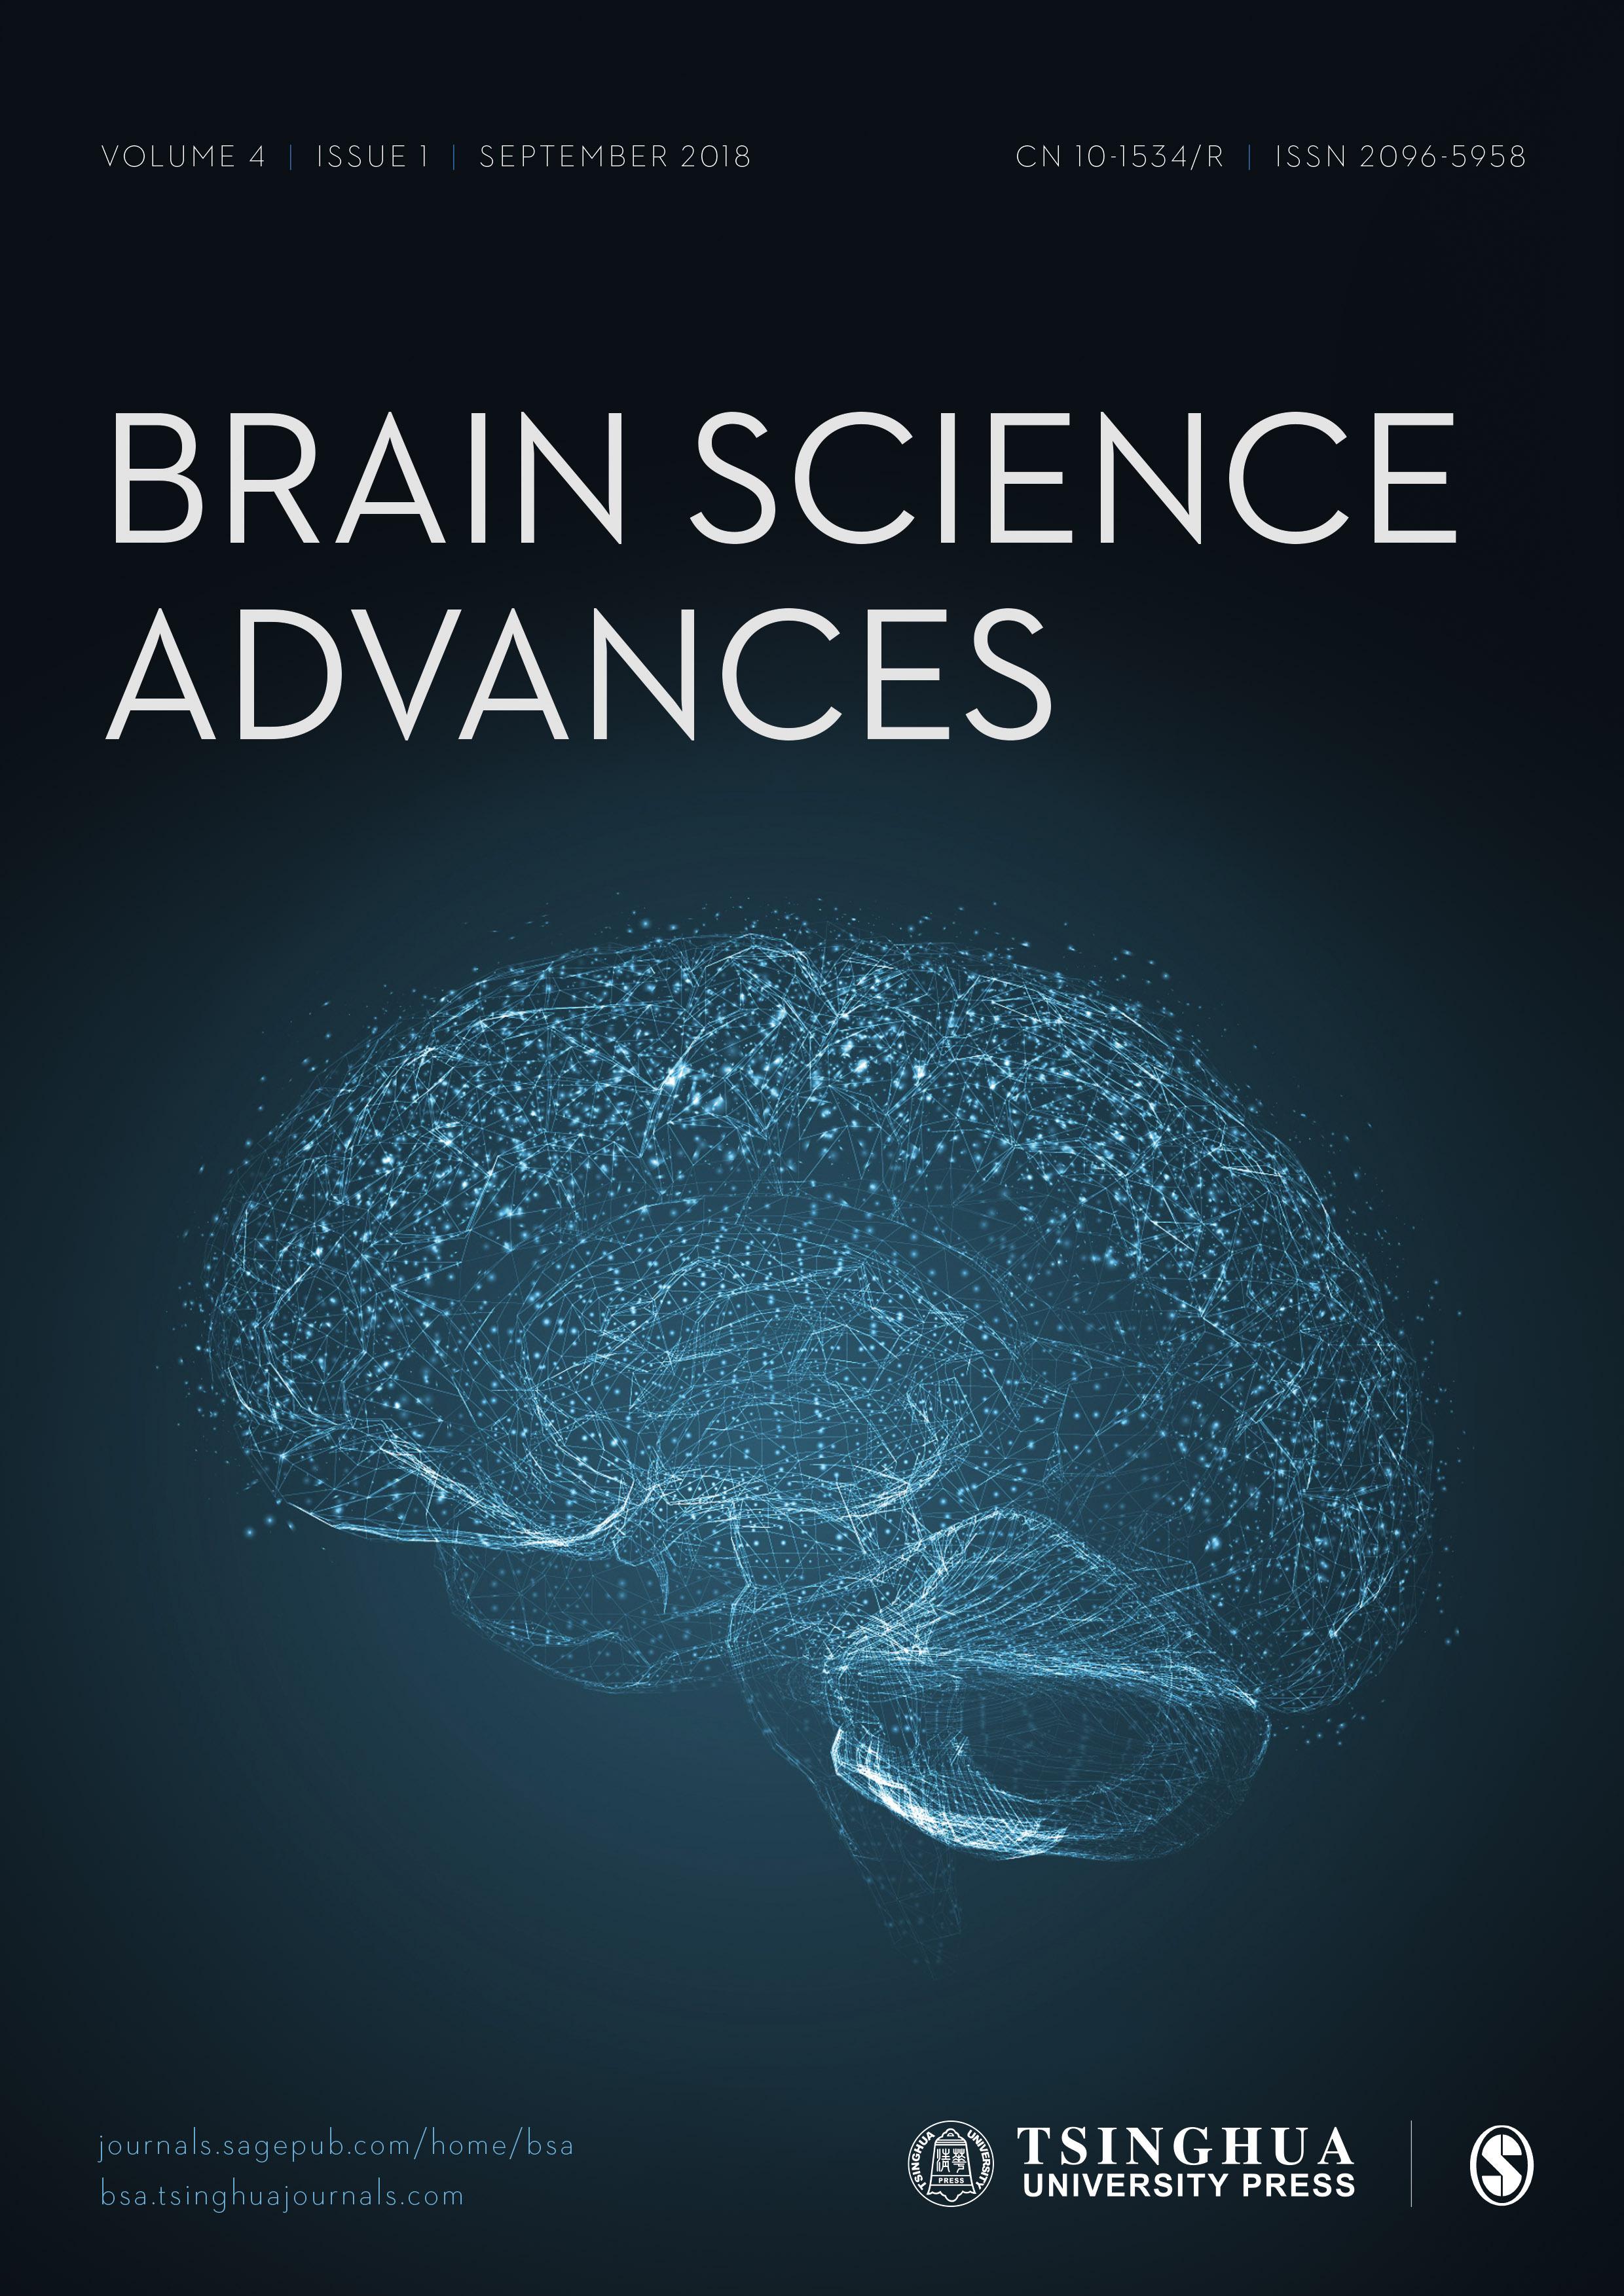 Brain Science Advances